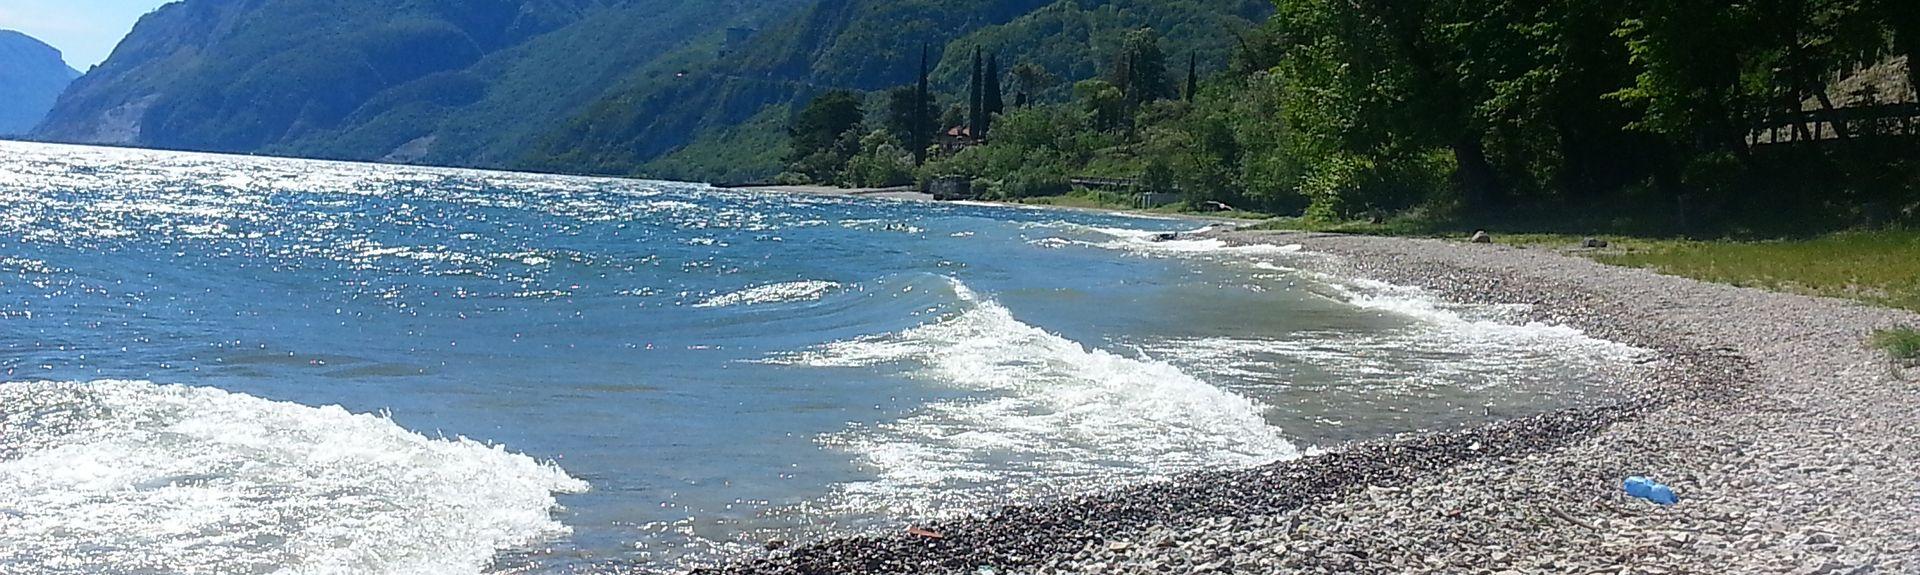 Brienno, Lombardei, Italien